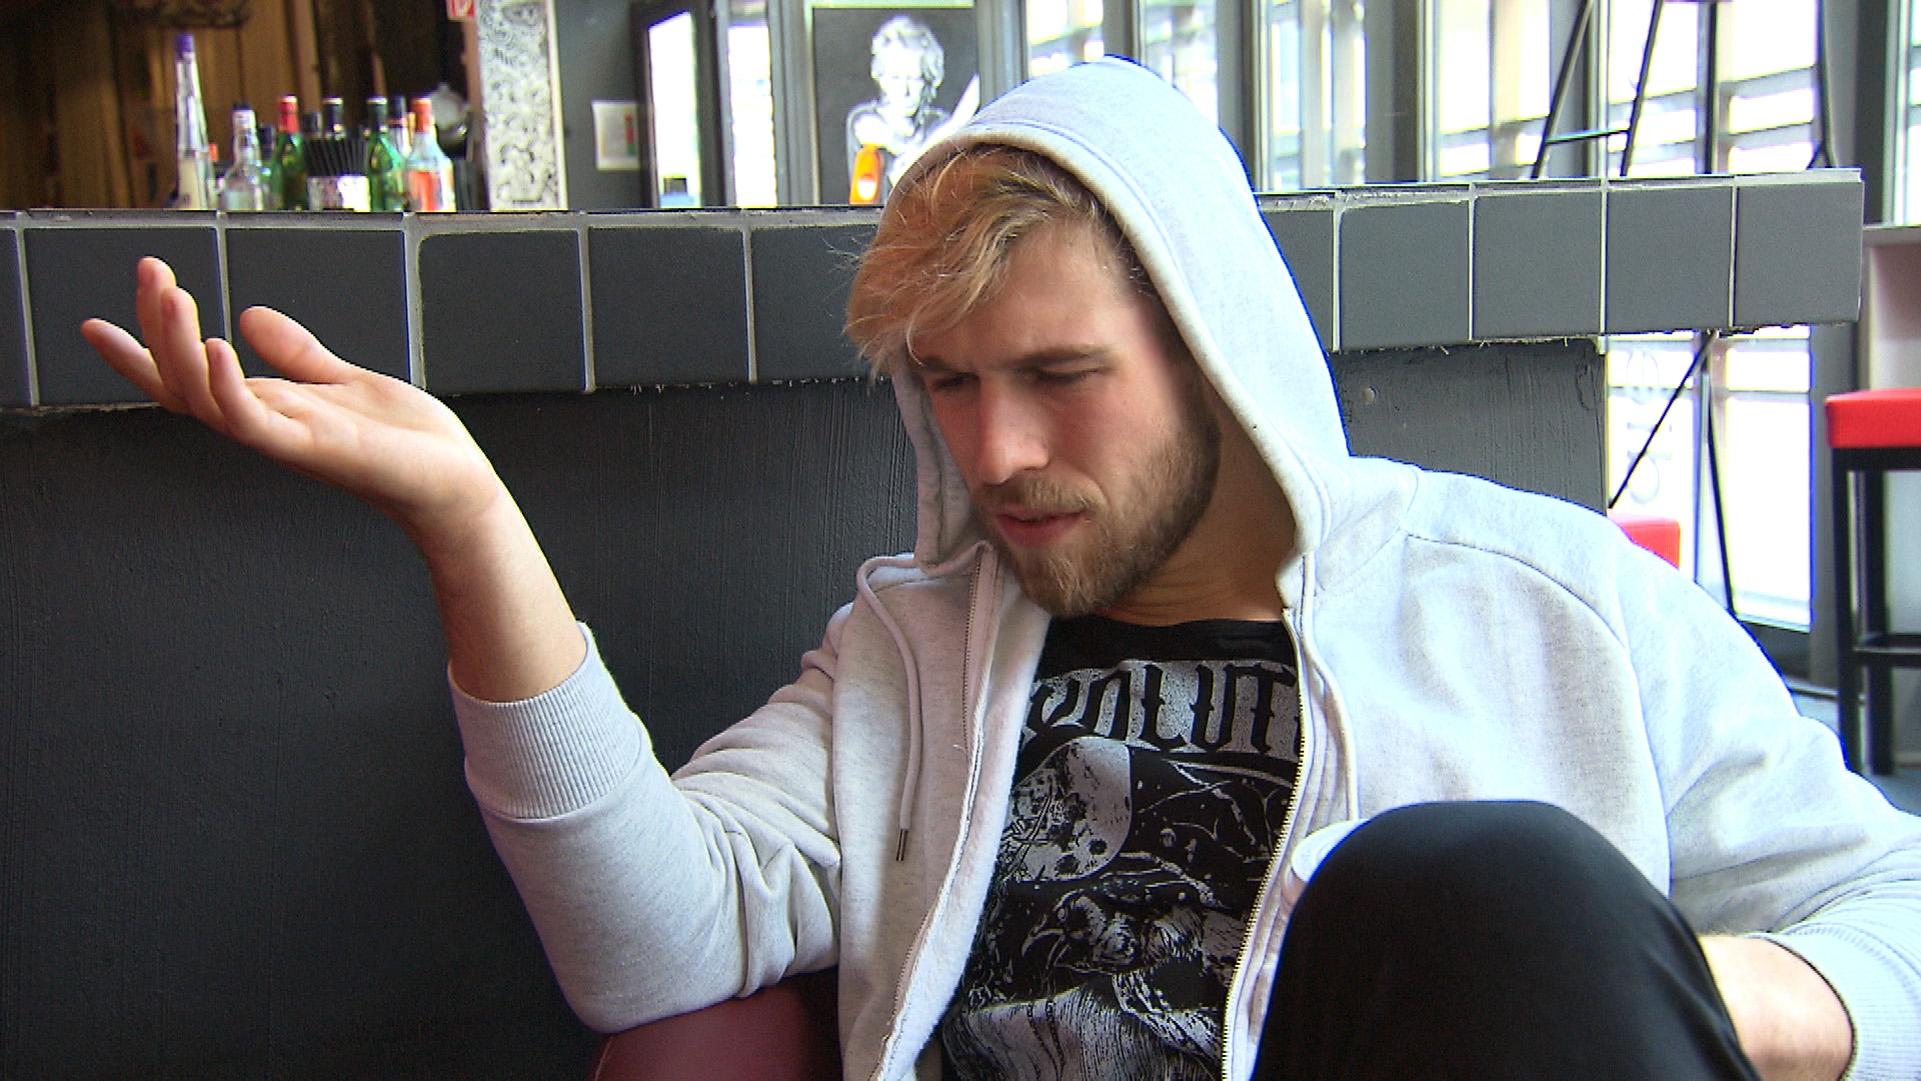 Als Chris erfährt, dass Valentin vorzeitig aus dem Krankenhaus entlassen wurde und sich Anna aufopferungsvoll um ihn kümmert, ist er bedient... (Quelle: RTL 2)